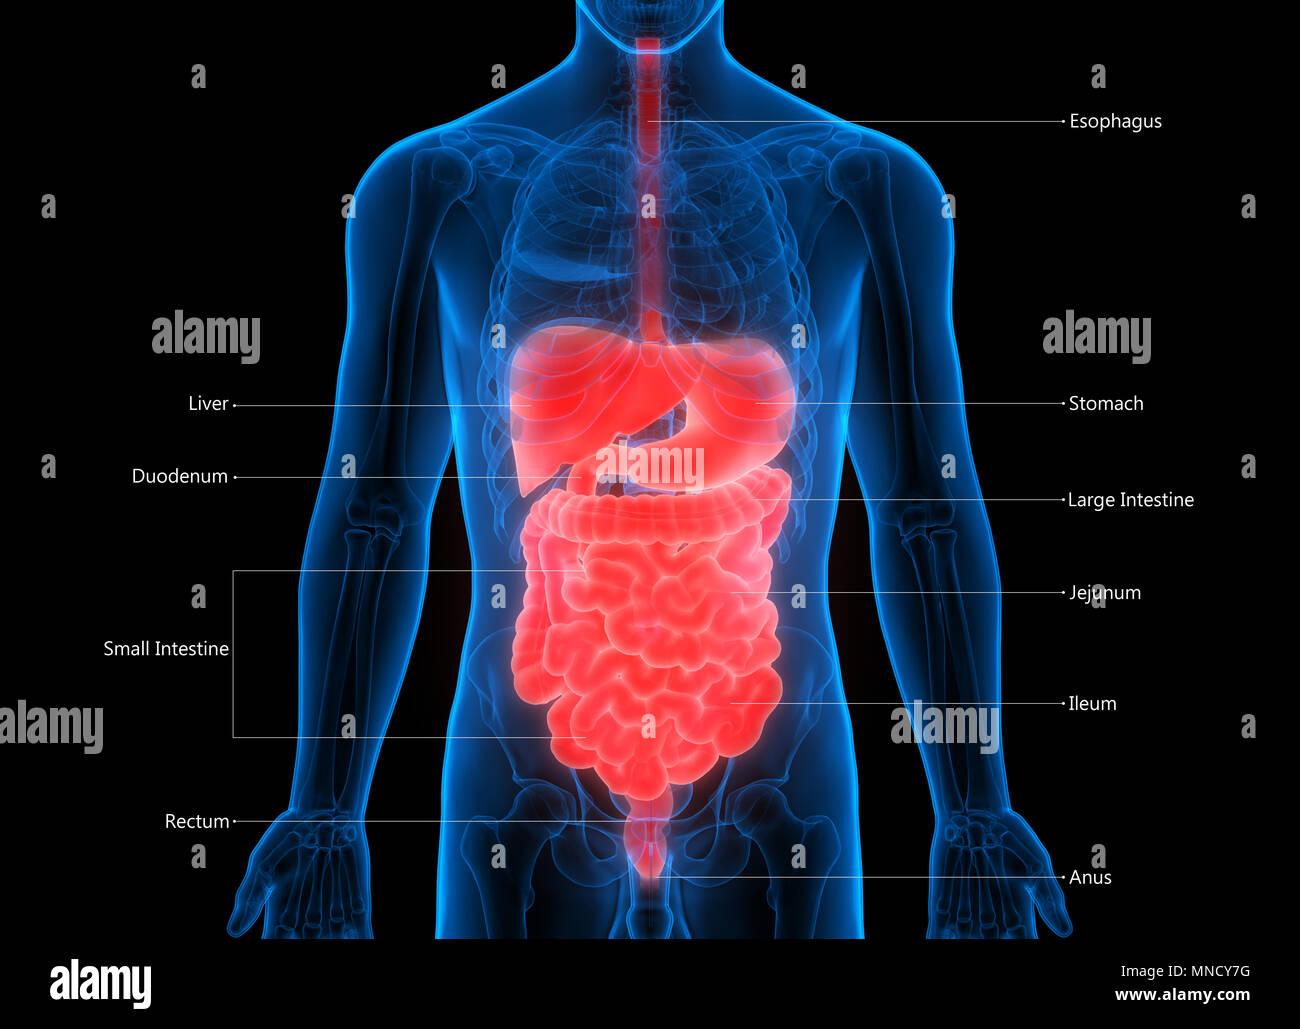 Human Digestive System Anatomy Stock Photo 185296260 Alamy